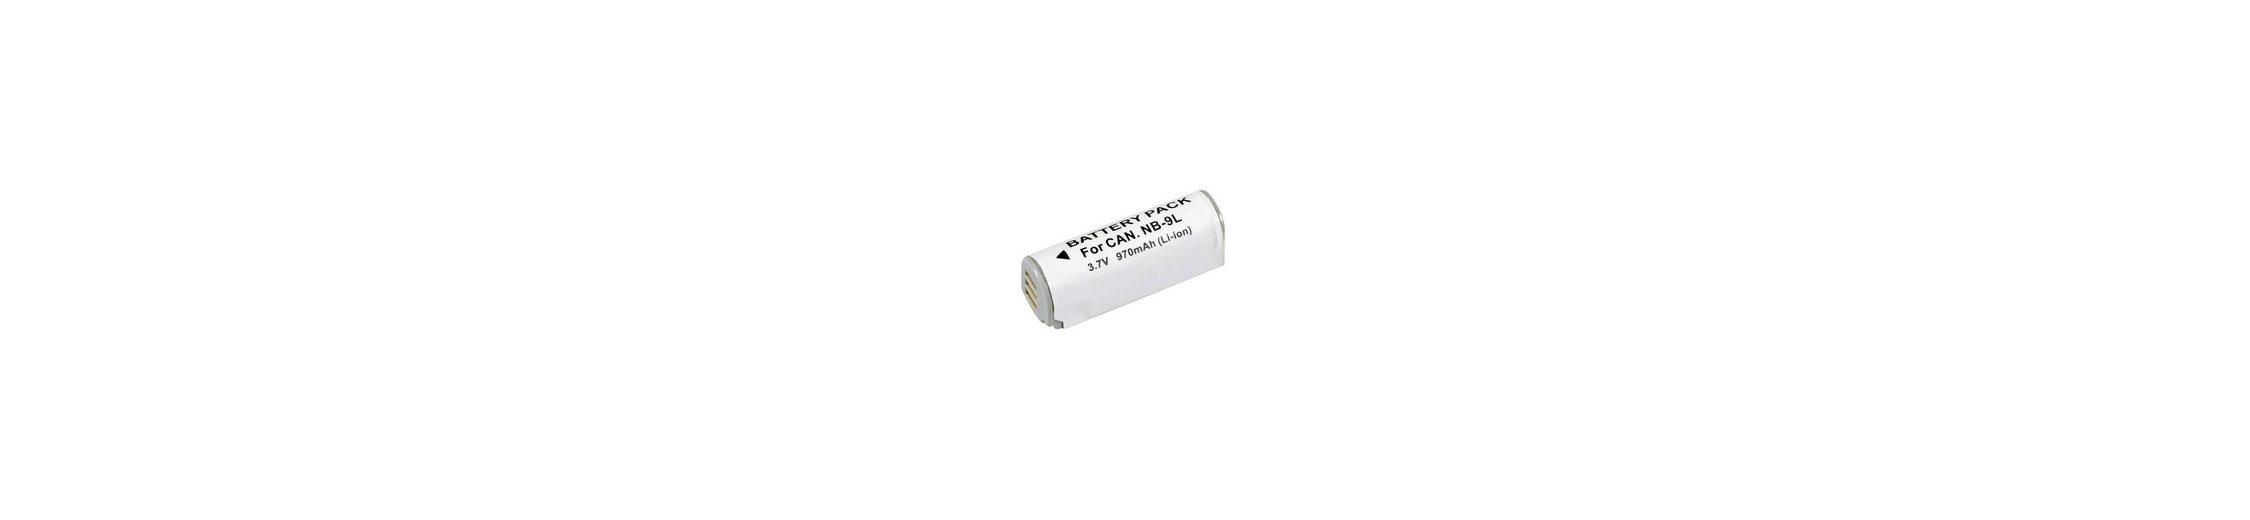 Bresser Akku »BRESSER Lithium-Ionen Ersatzakku für Canon NB-9L«